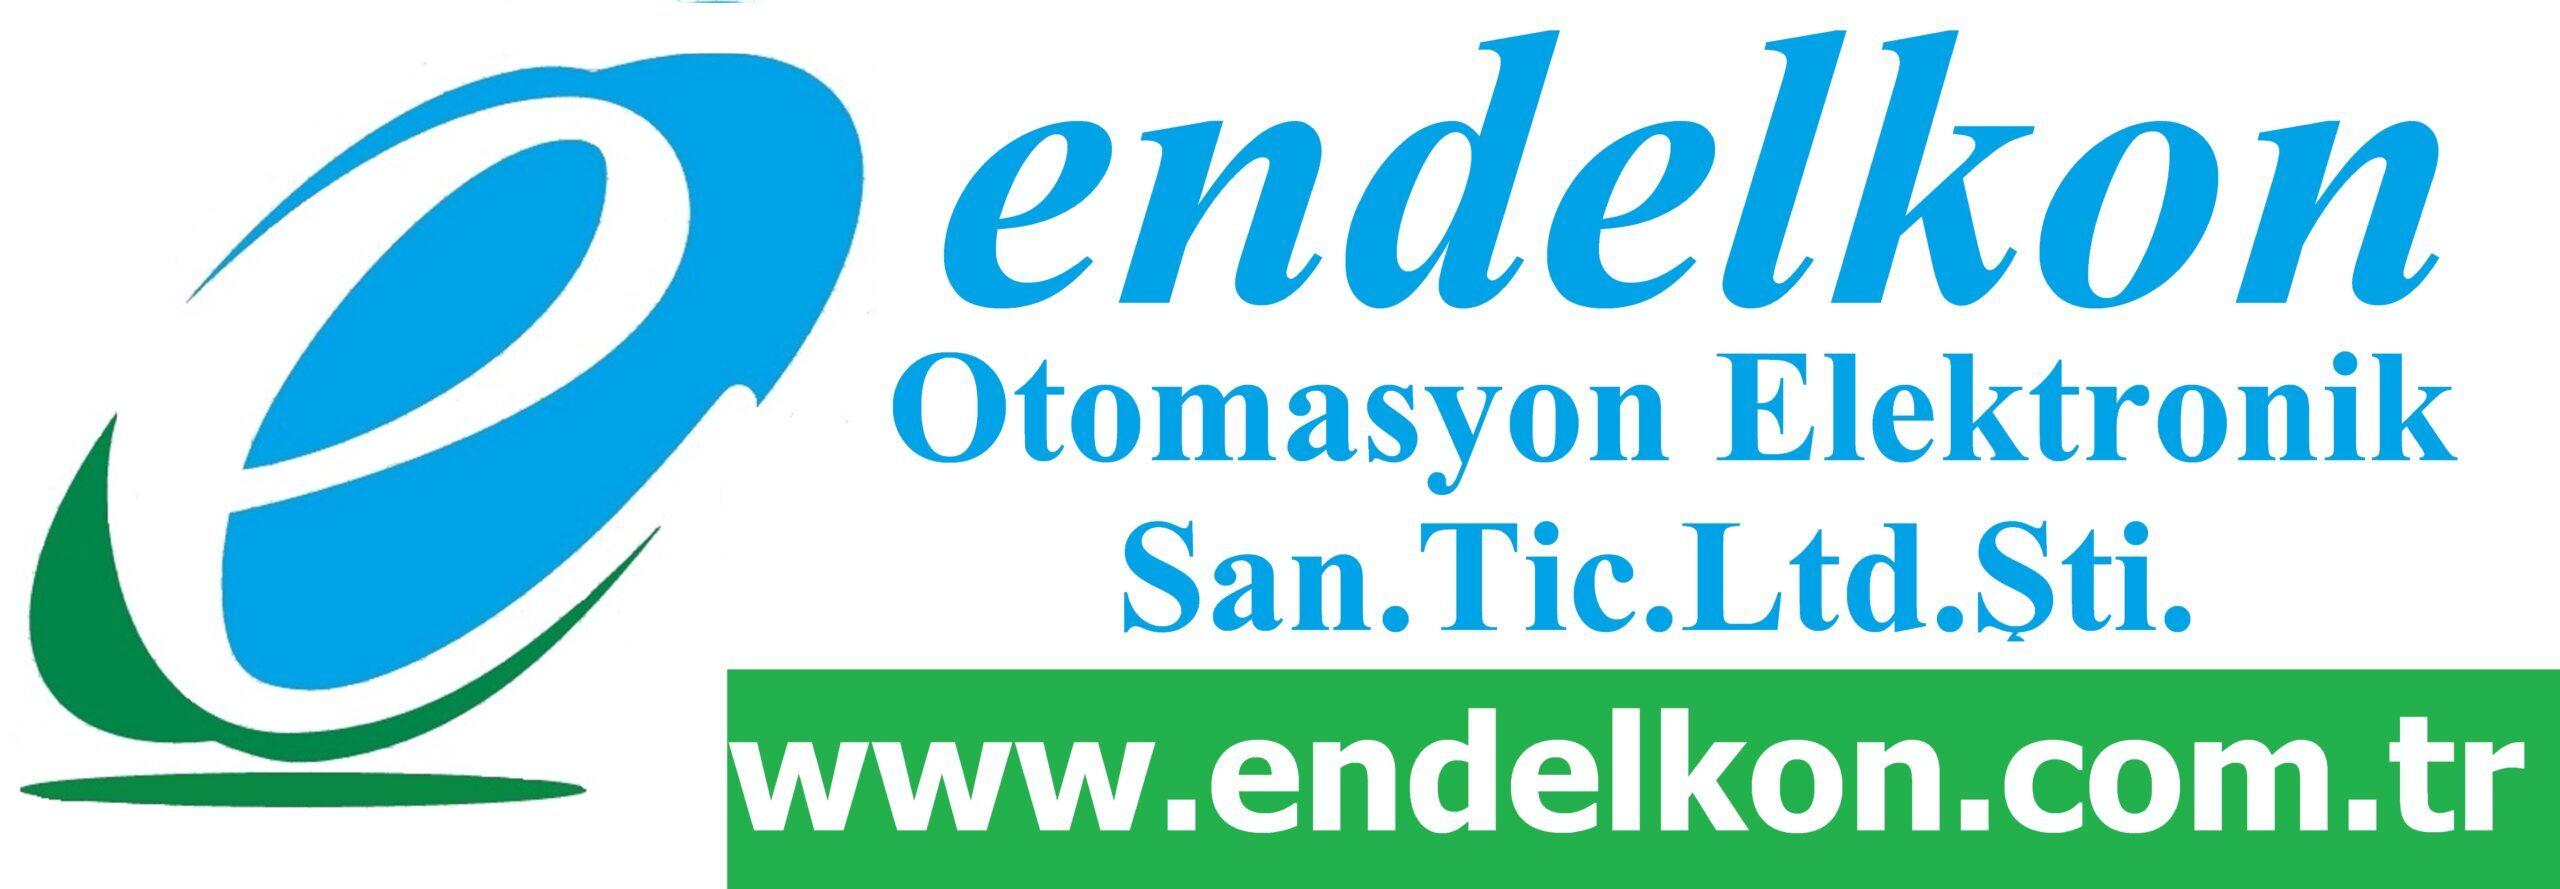 Endelkon Otomasyon Ltd.Şti.